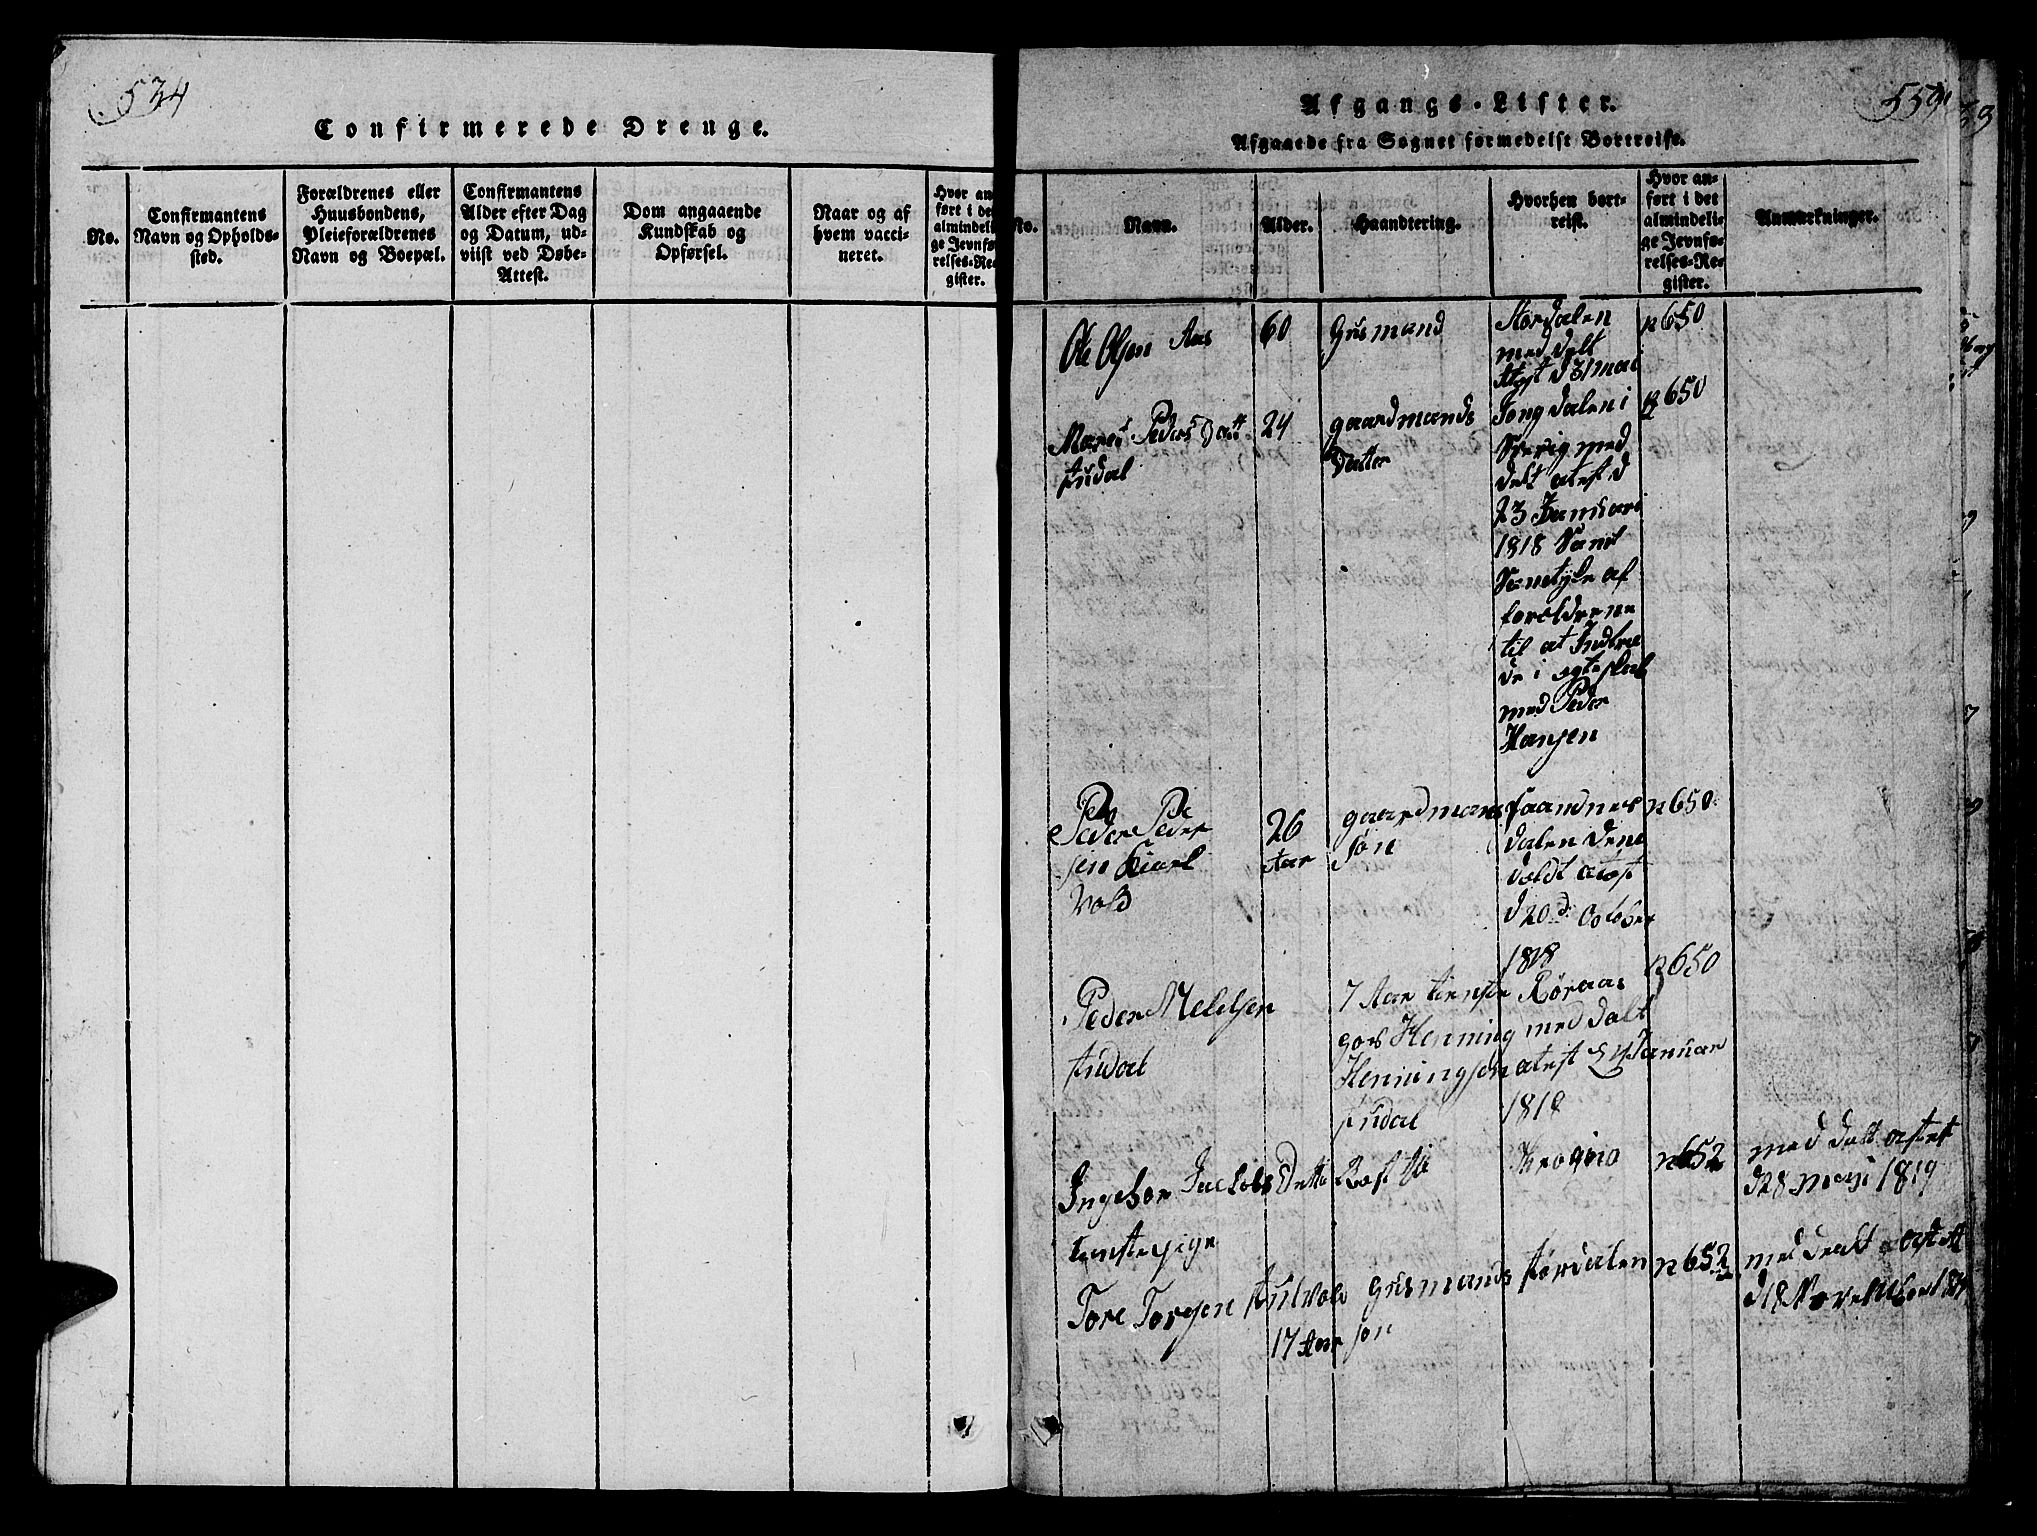 SAT, Ministerialprotokoller, klokkerbøker og fødselsregistre - Sør-Trøndelag, 698/L1164: Klokkerbok nr. 698C01, 1816-1861, s. 534-559